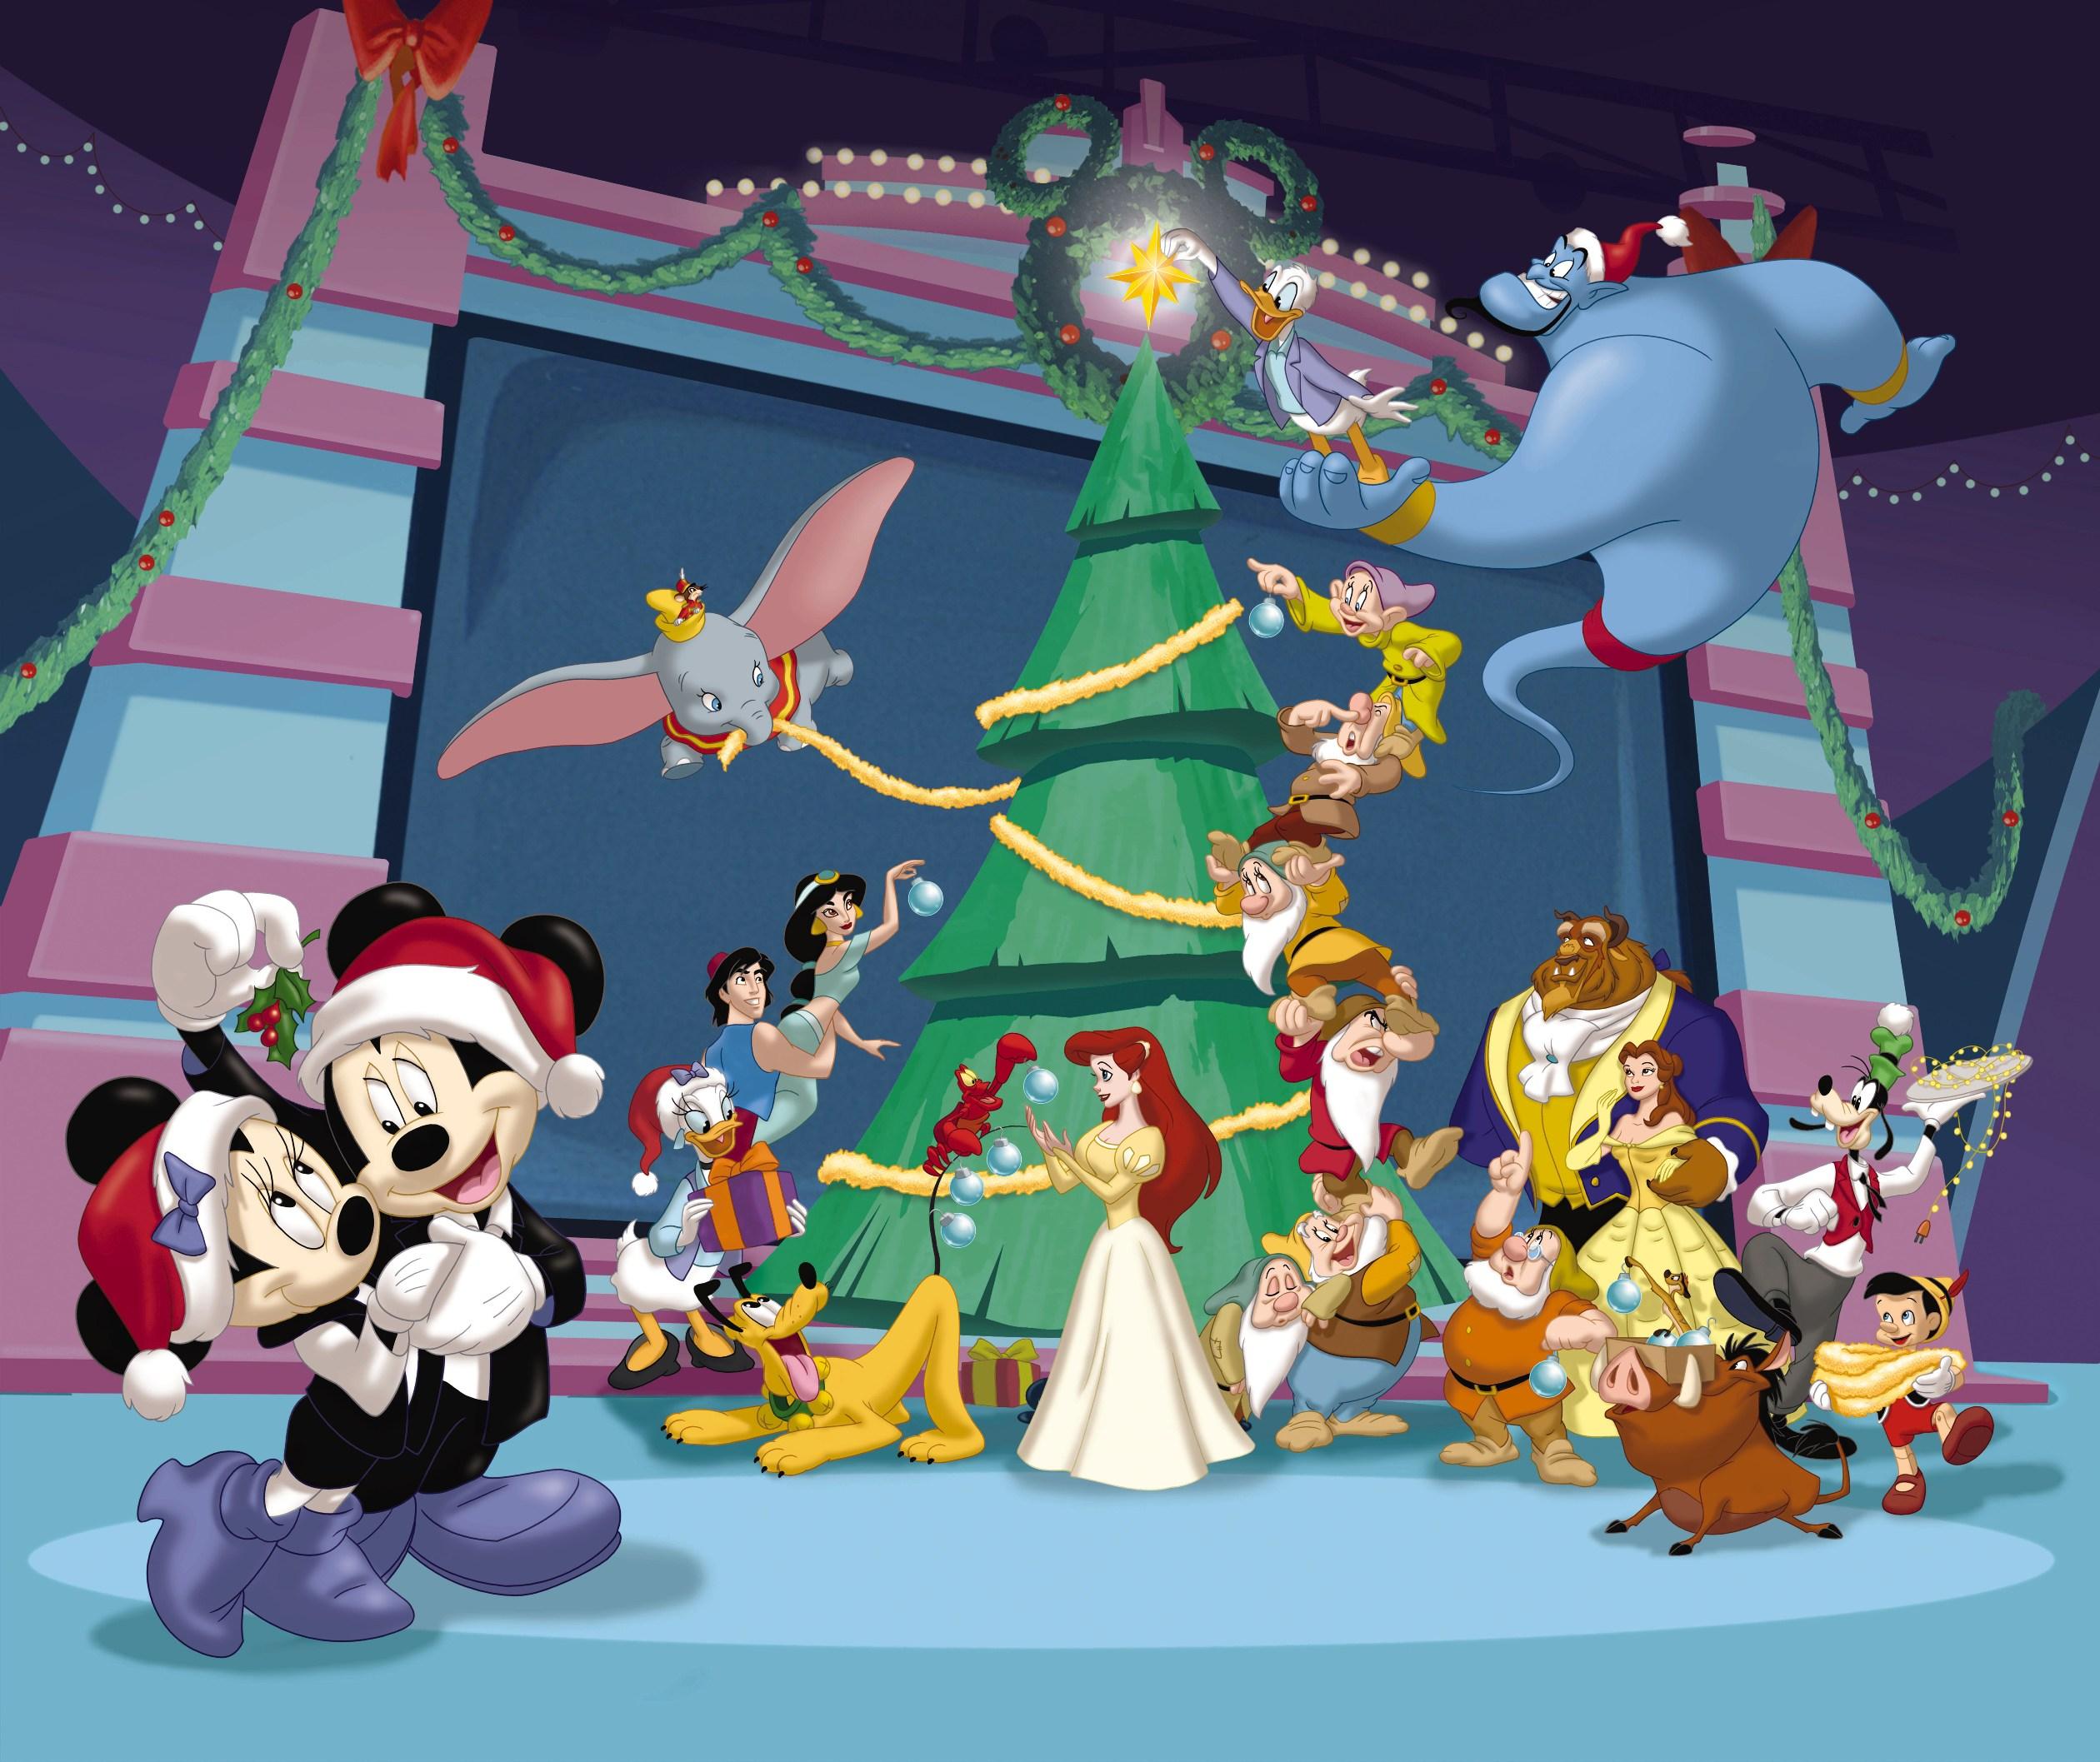 mickeys magical christmas 2 1024x859jpg - Mickeys Magical Christmas